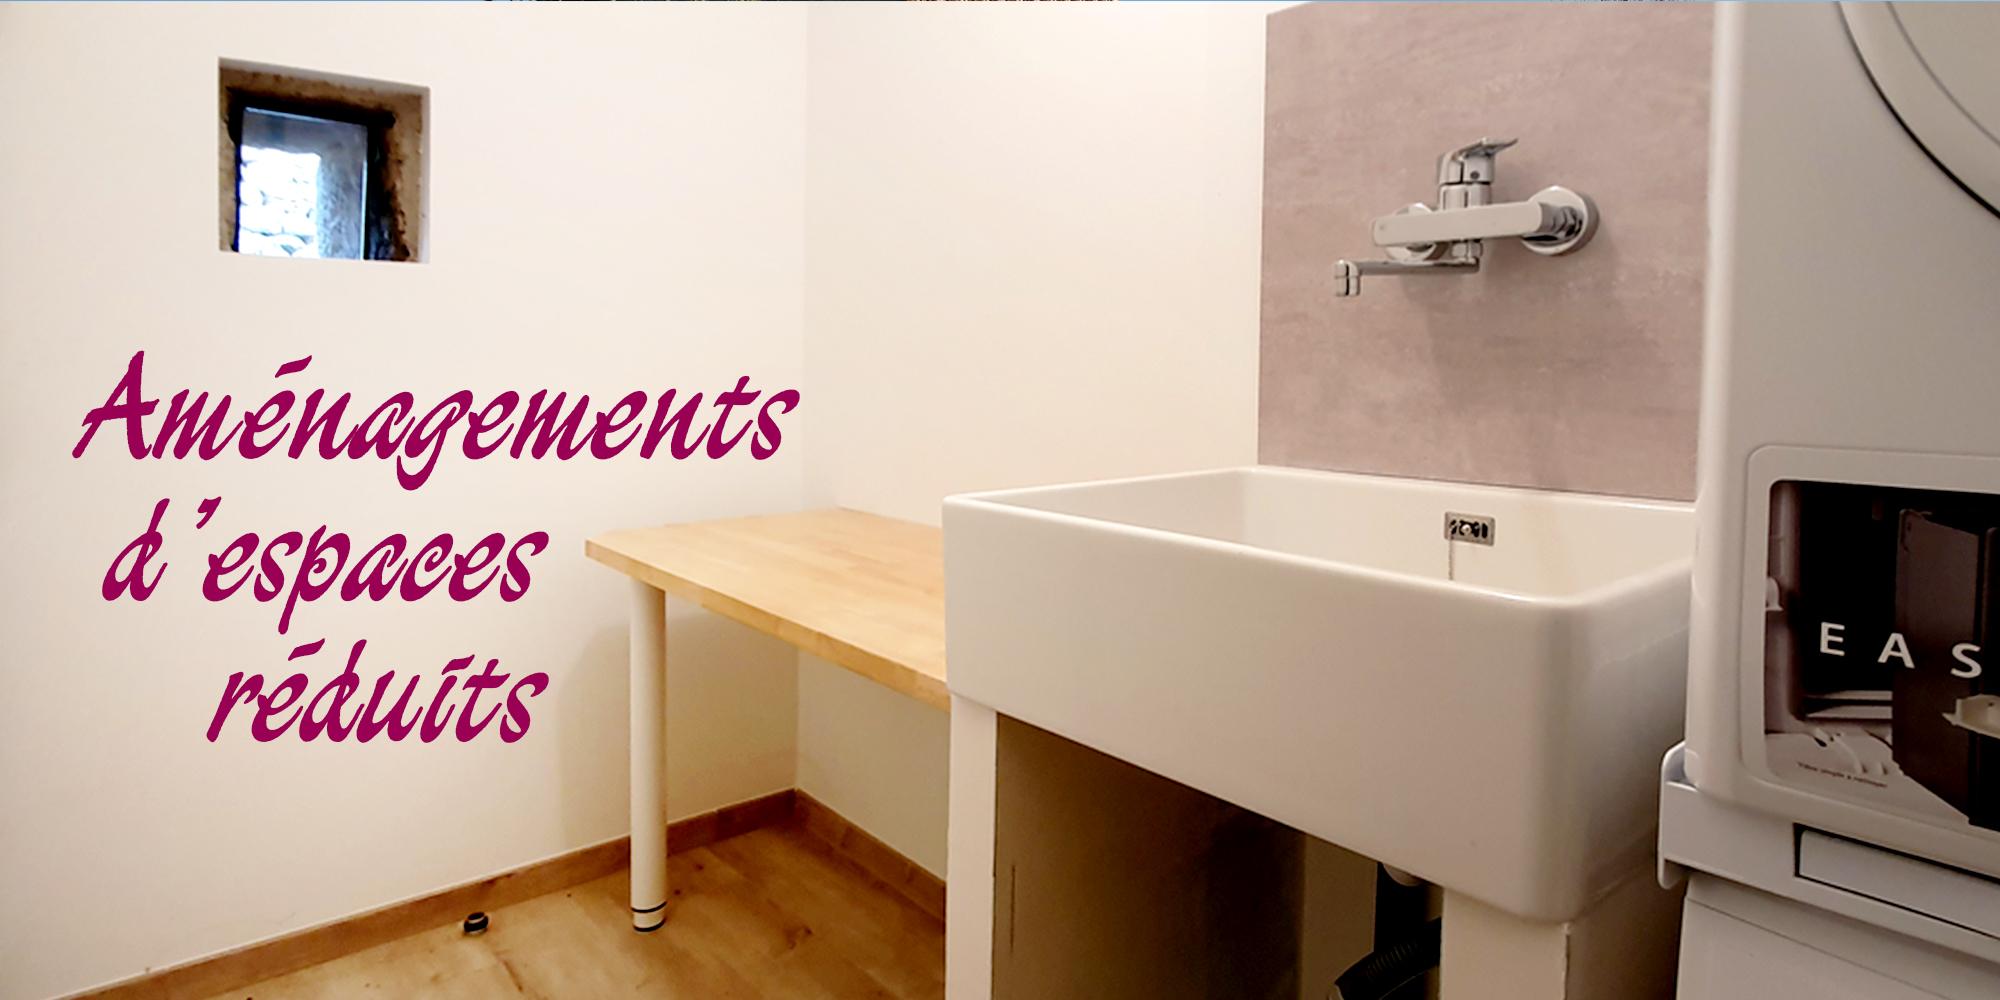 amenagements-espaces-reduits